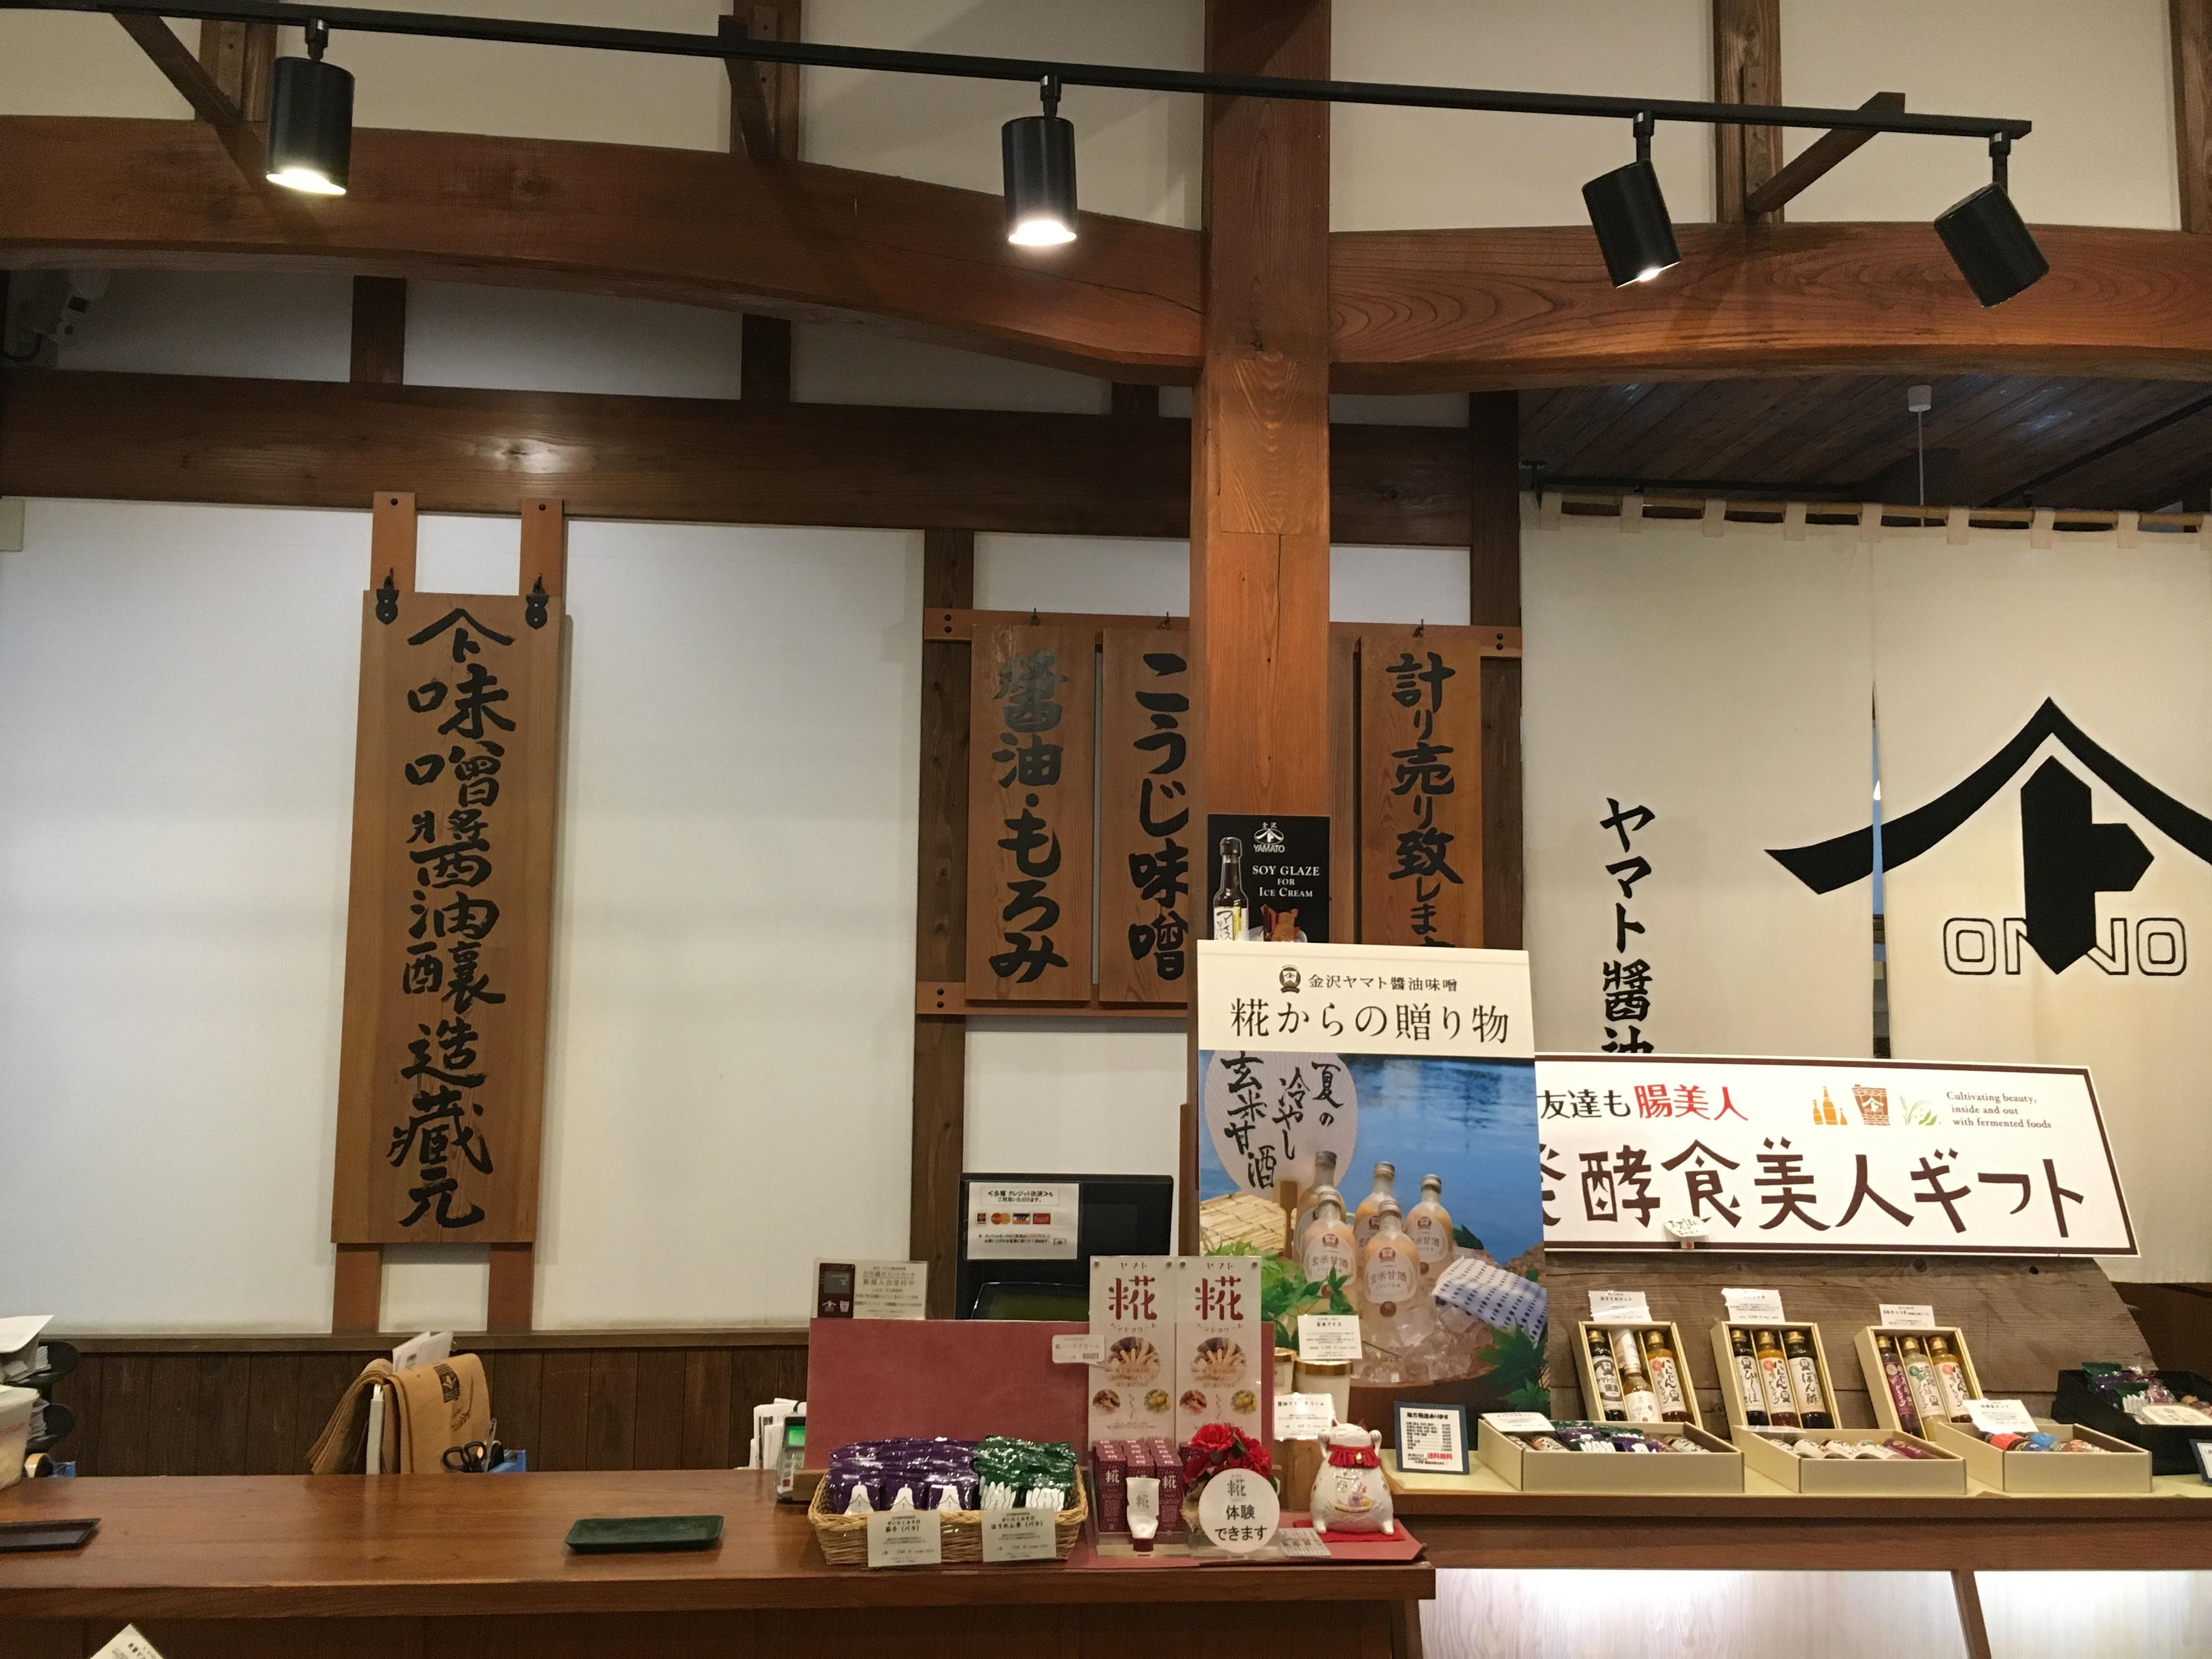 金沢県石川市のヤマト醤油さん。玄米味噌、ひしほ、糀ドレッシング、玄米甘酒、、糀の魅力がスゴイ!